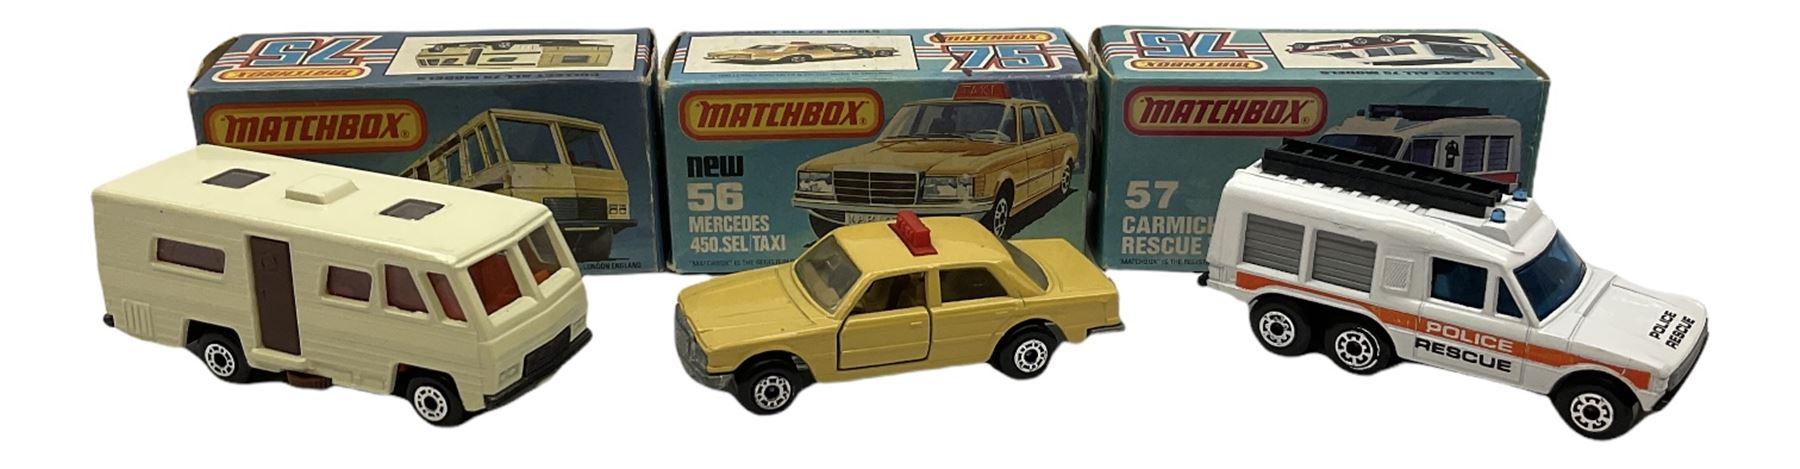 Matchbox/Superfast - eleven '1-75' series models comprising 53f Flareside Pick-Up - Image 3 of 7